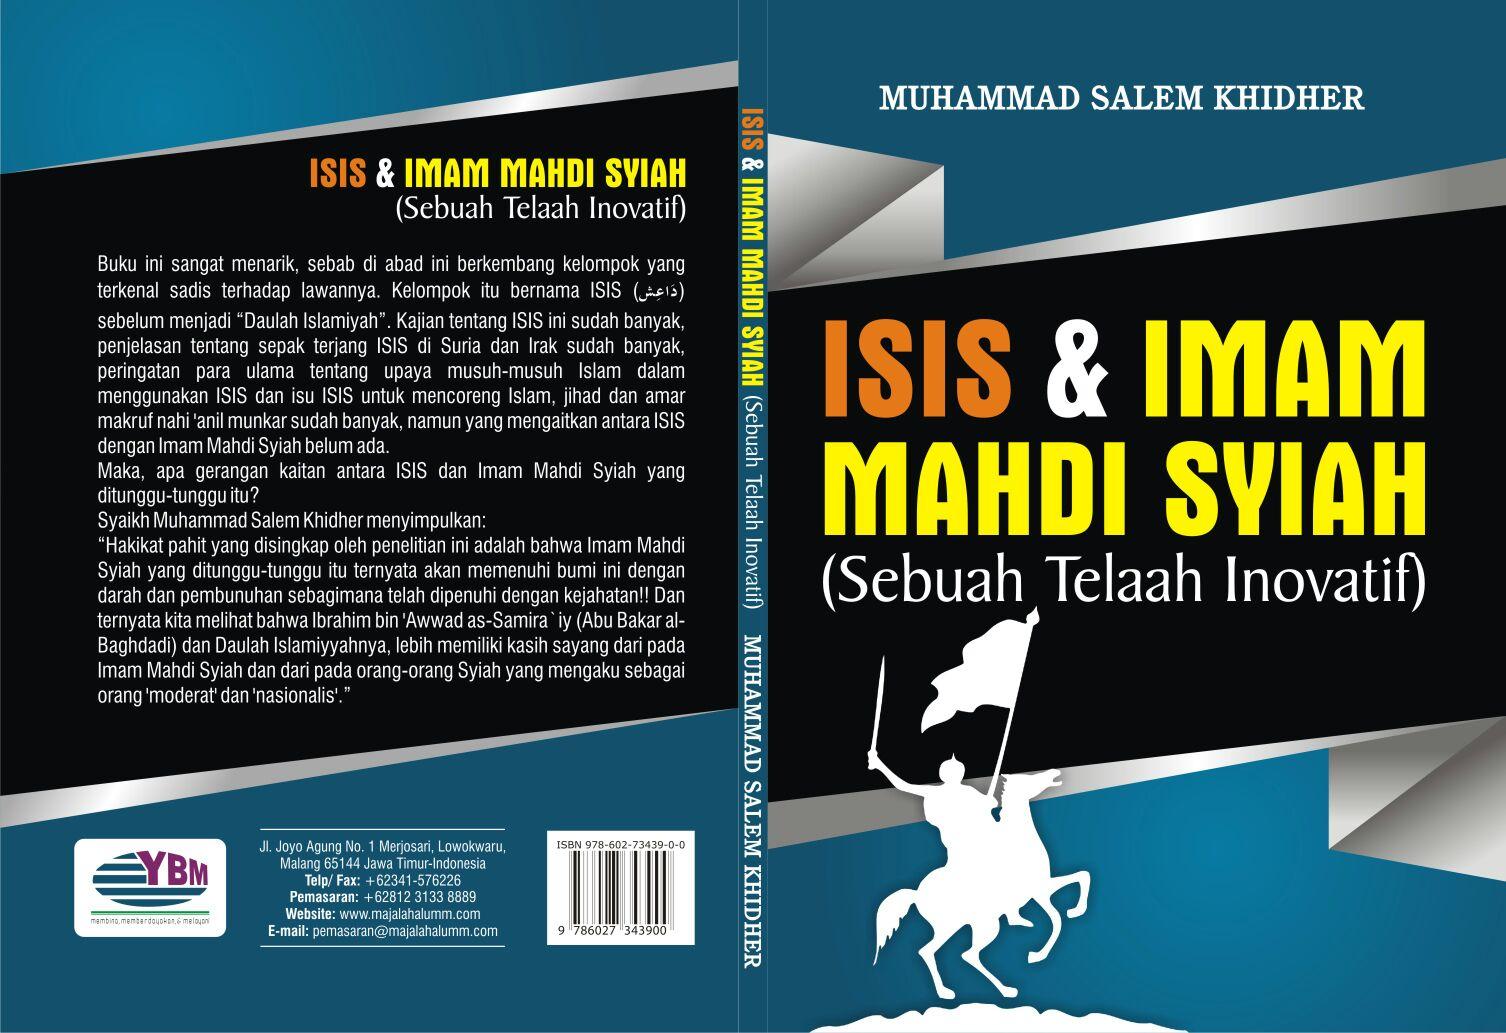 isis-imam-mahdi-syiah